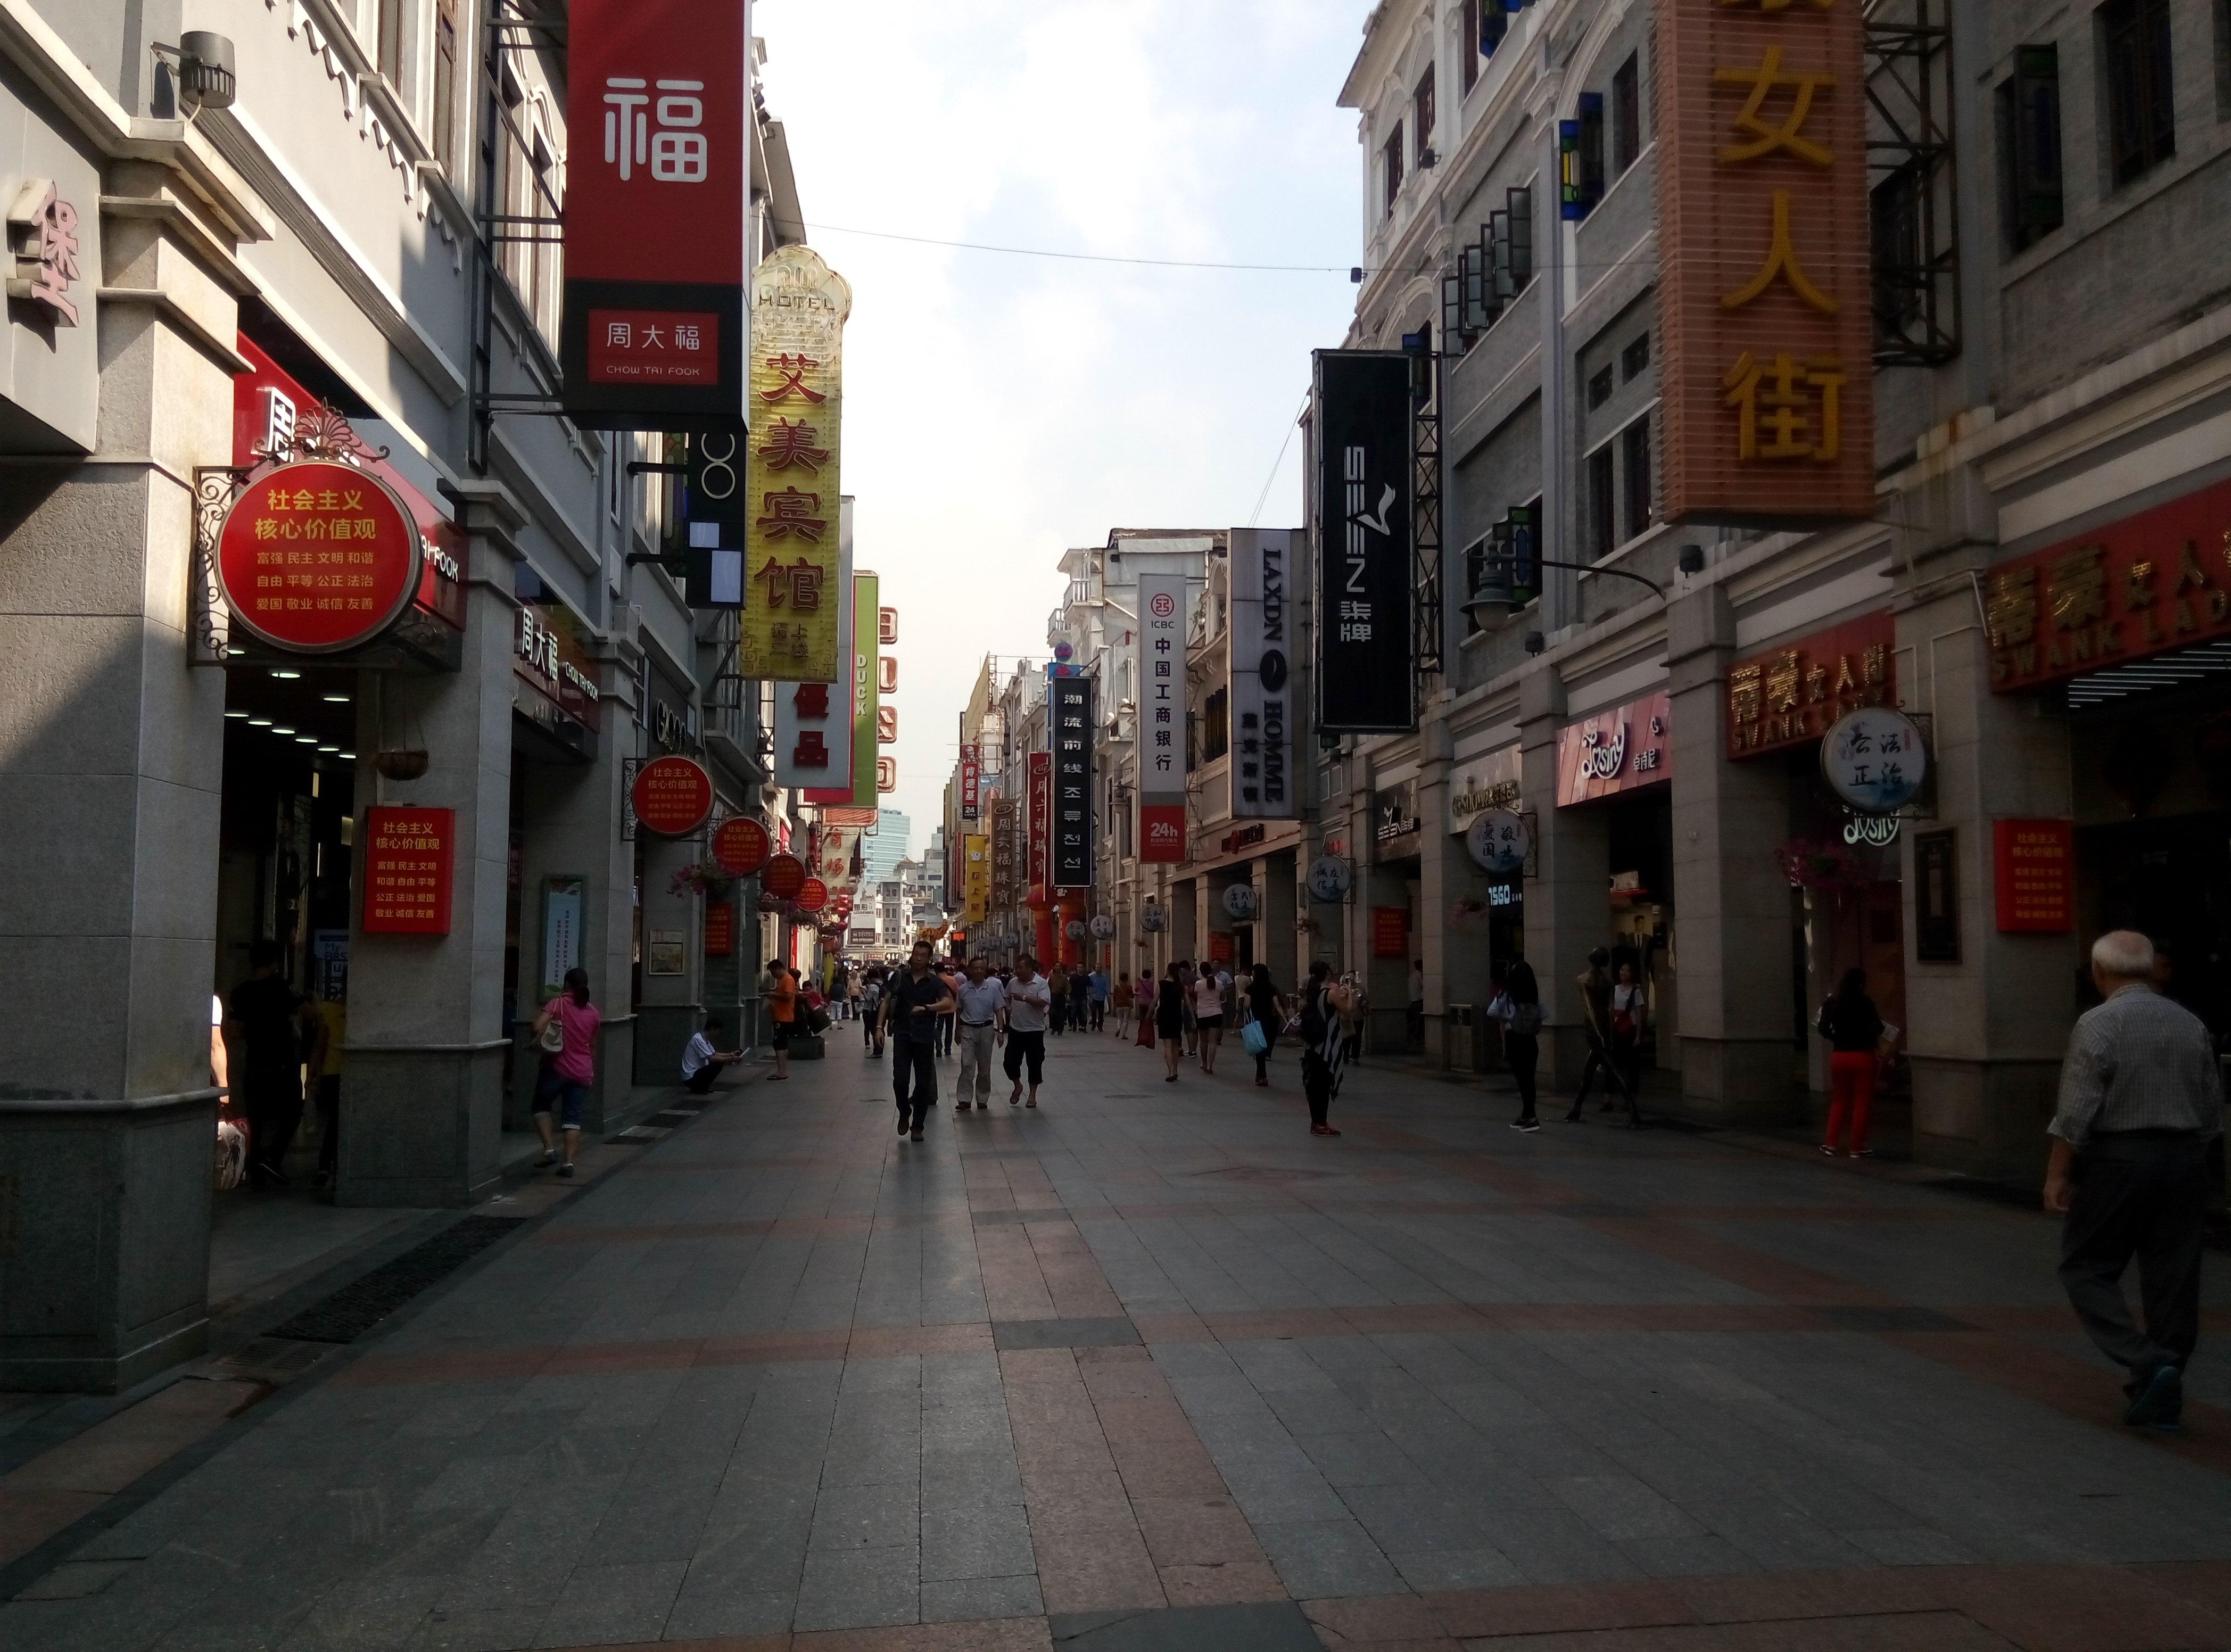 上下九步行街 - 广州游记攻略【携程攻略】